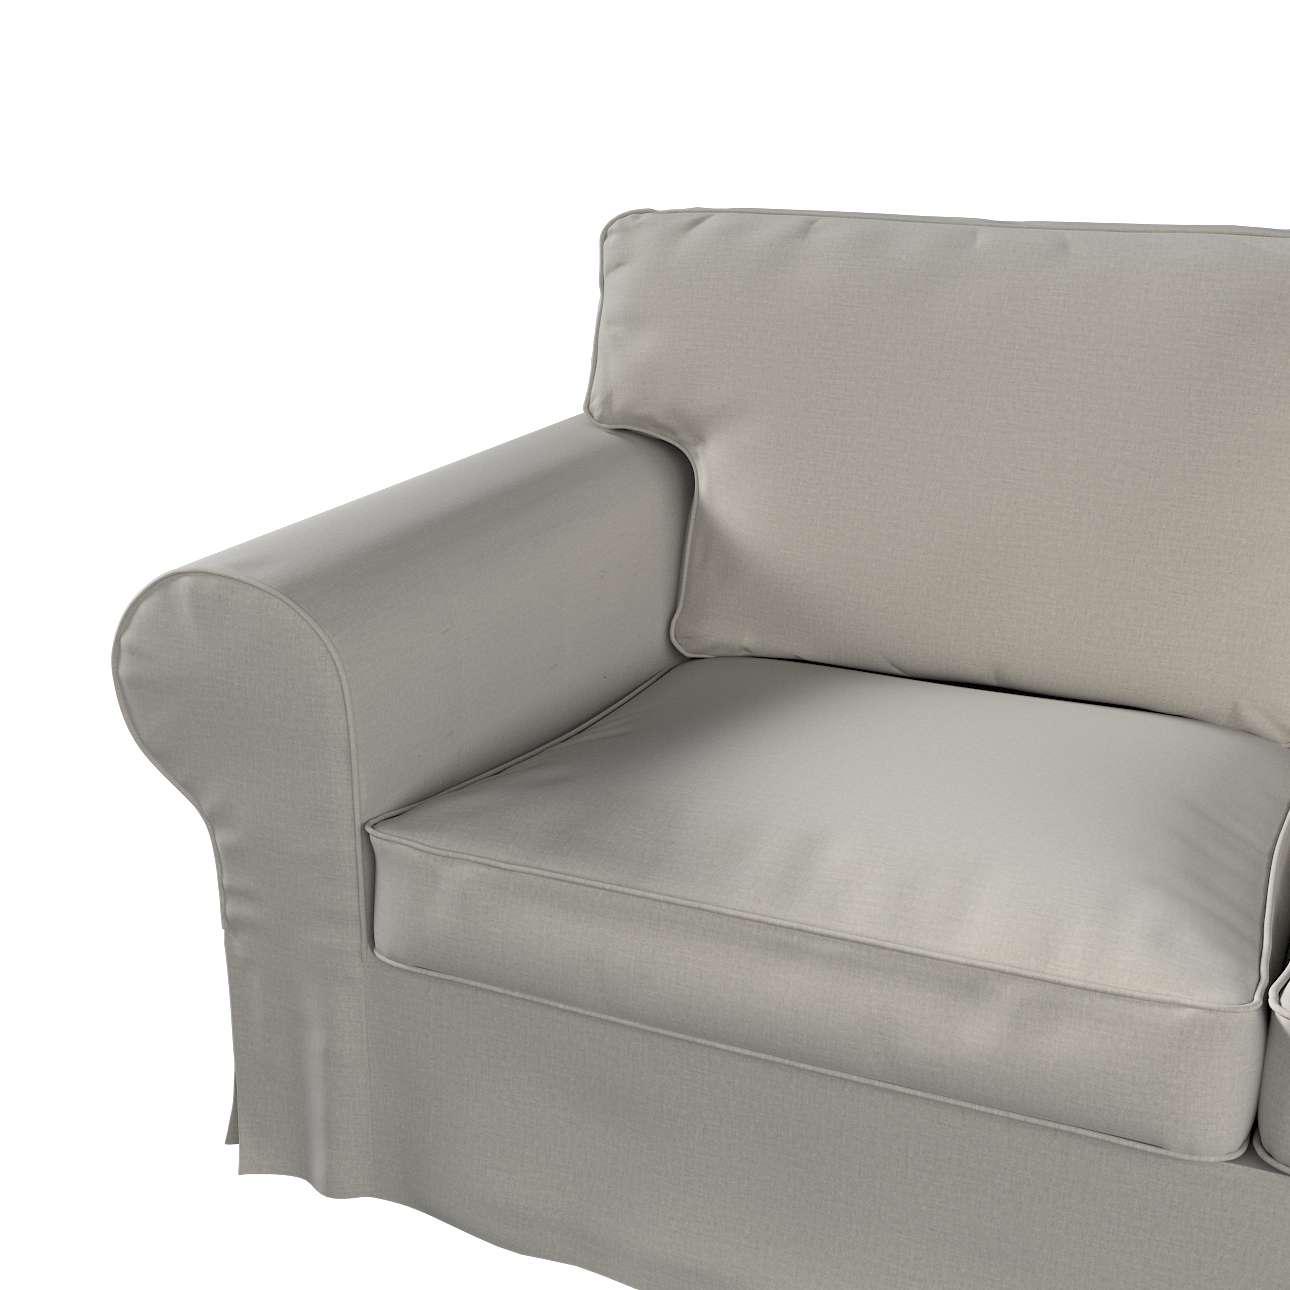 Pokrowiec na sofę Ektorp 2-osobową i leżankę w kolekcji Ingrid, tkanina: 705-40